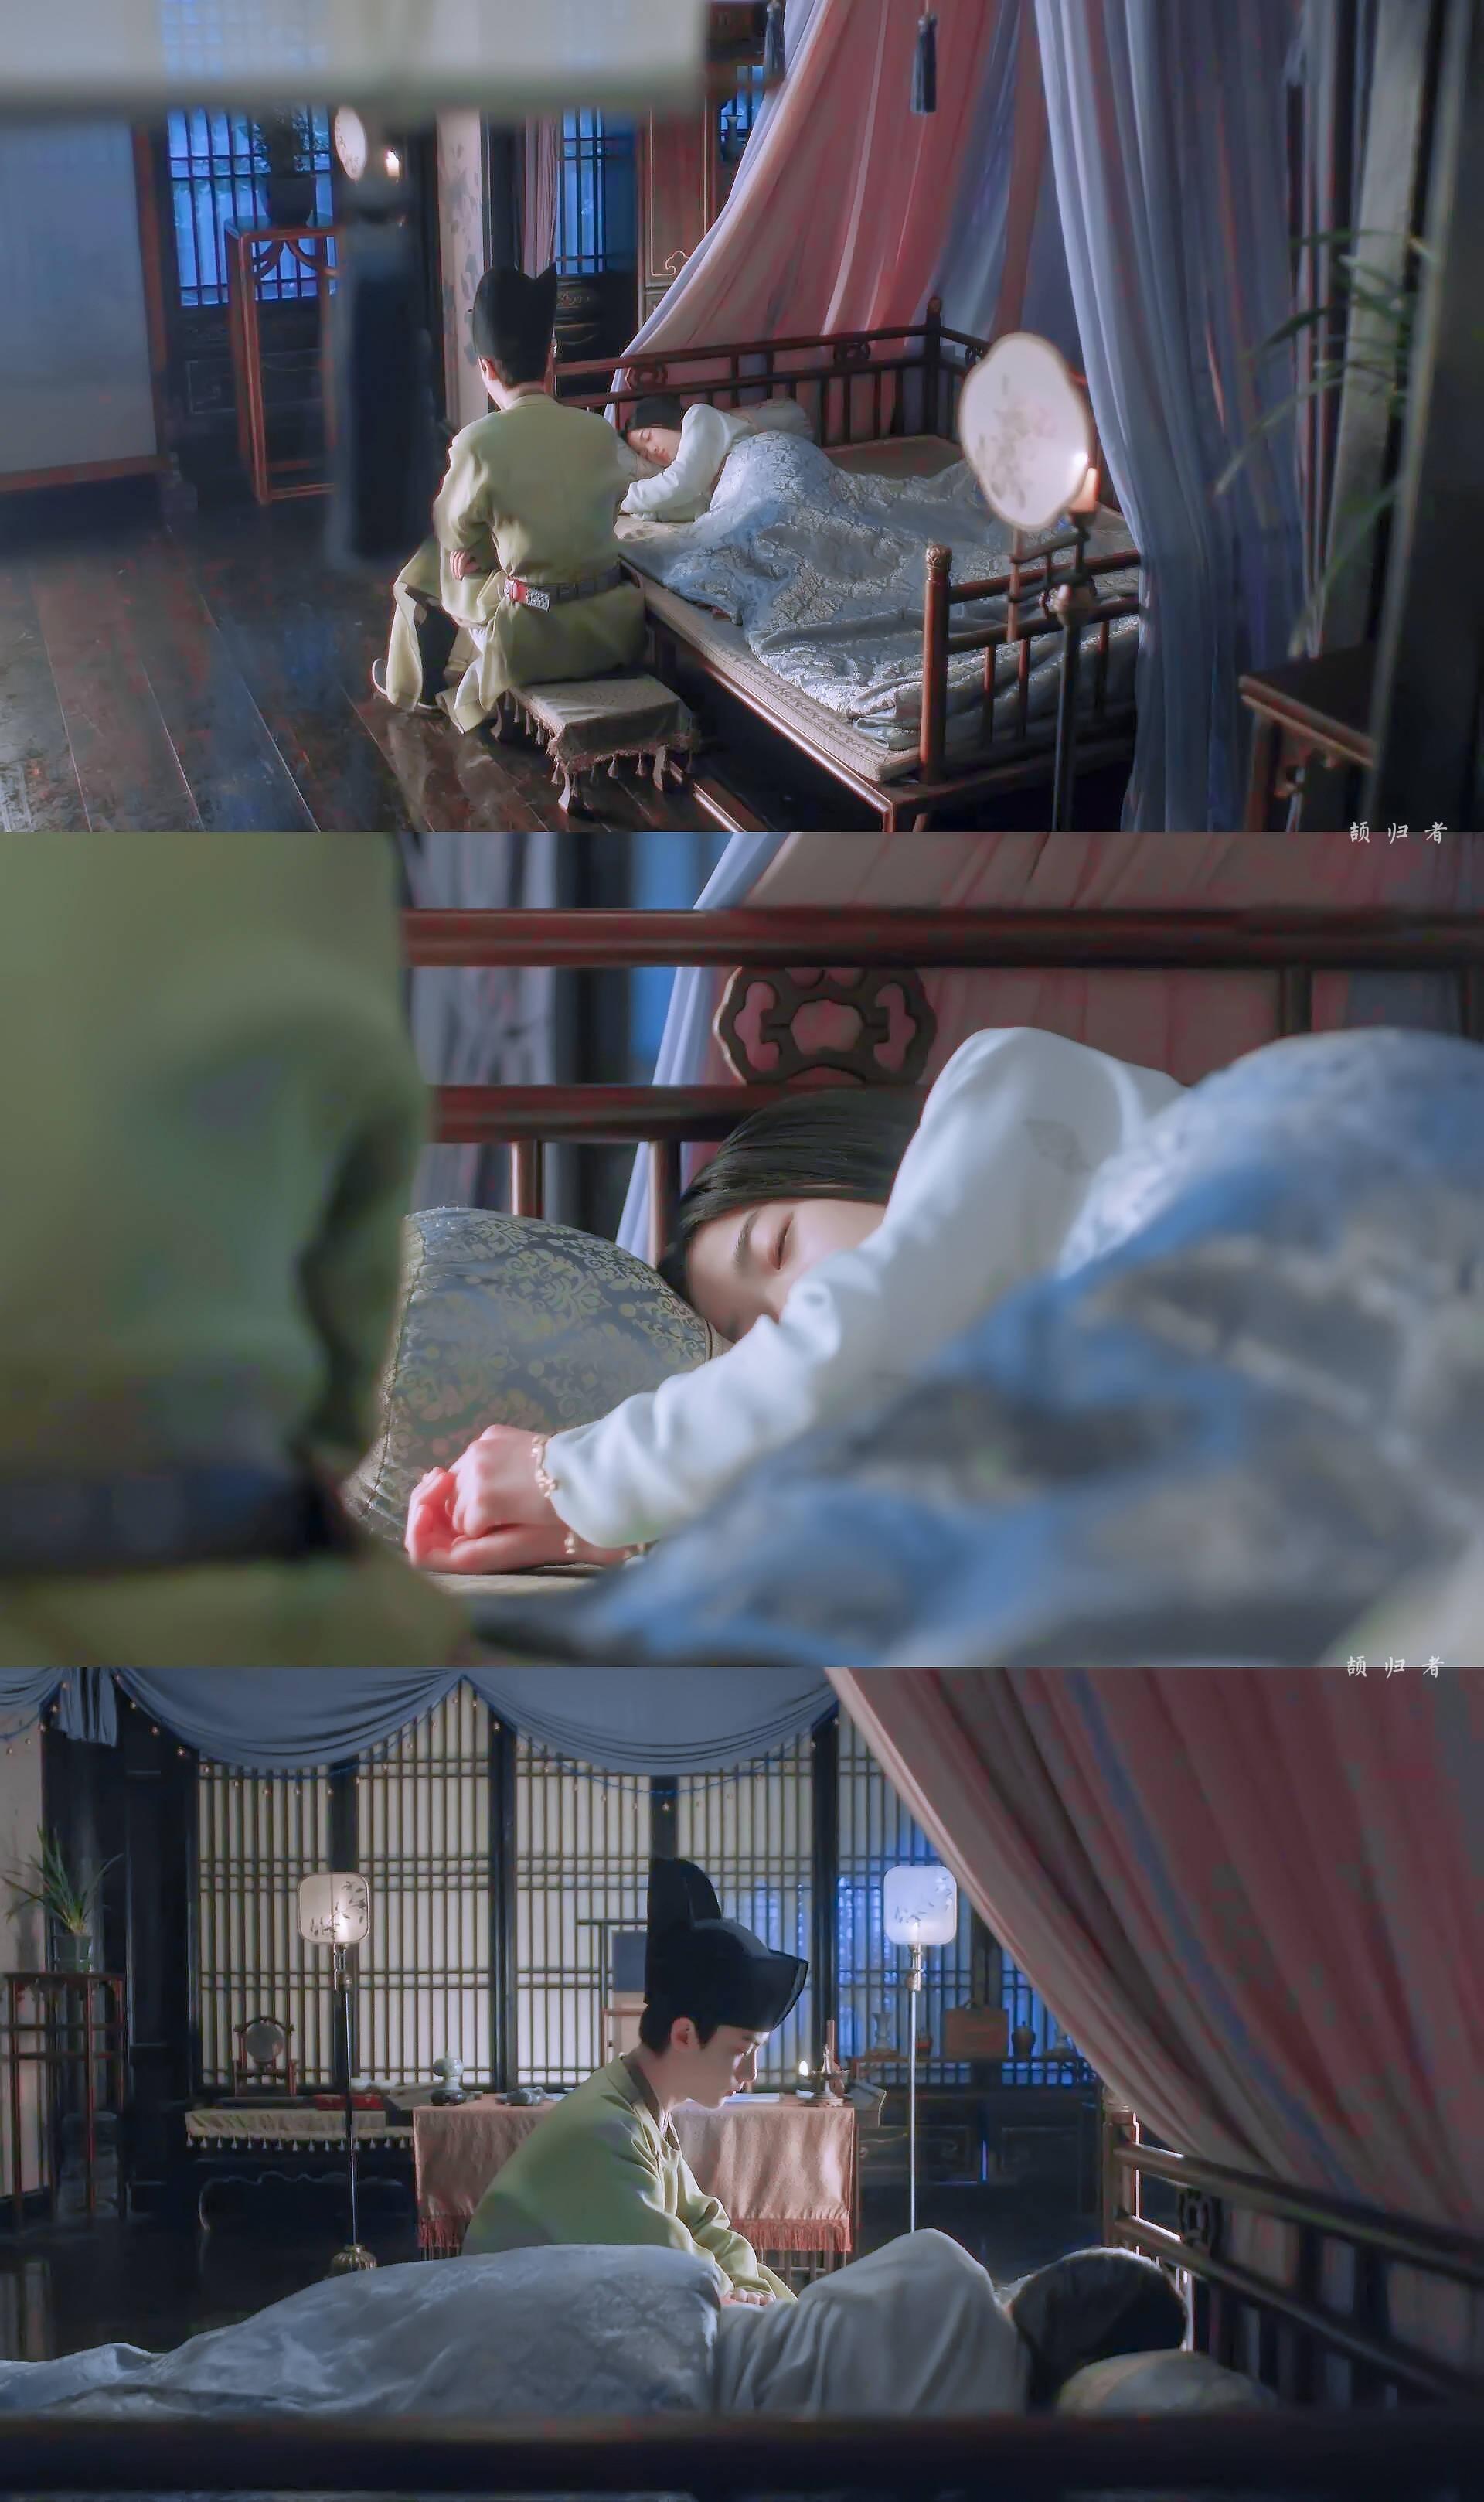 Huy Nhu hay làm nũng với Hoài Cát, gọi chàng là ca ca, mỗi lần sợ hãi nàng thường ra lệnh cho ca ca ngồi trông mình ngủ